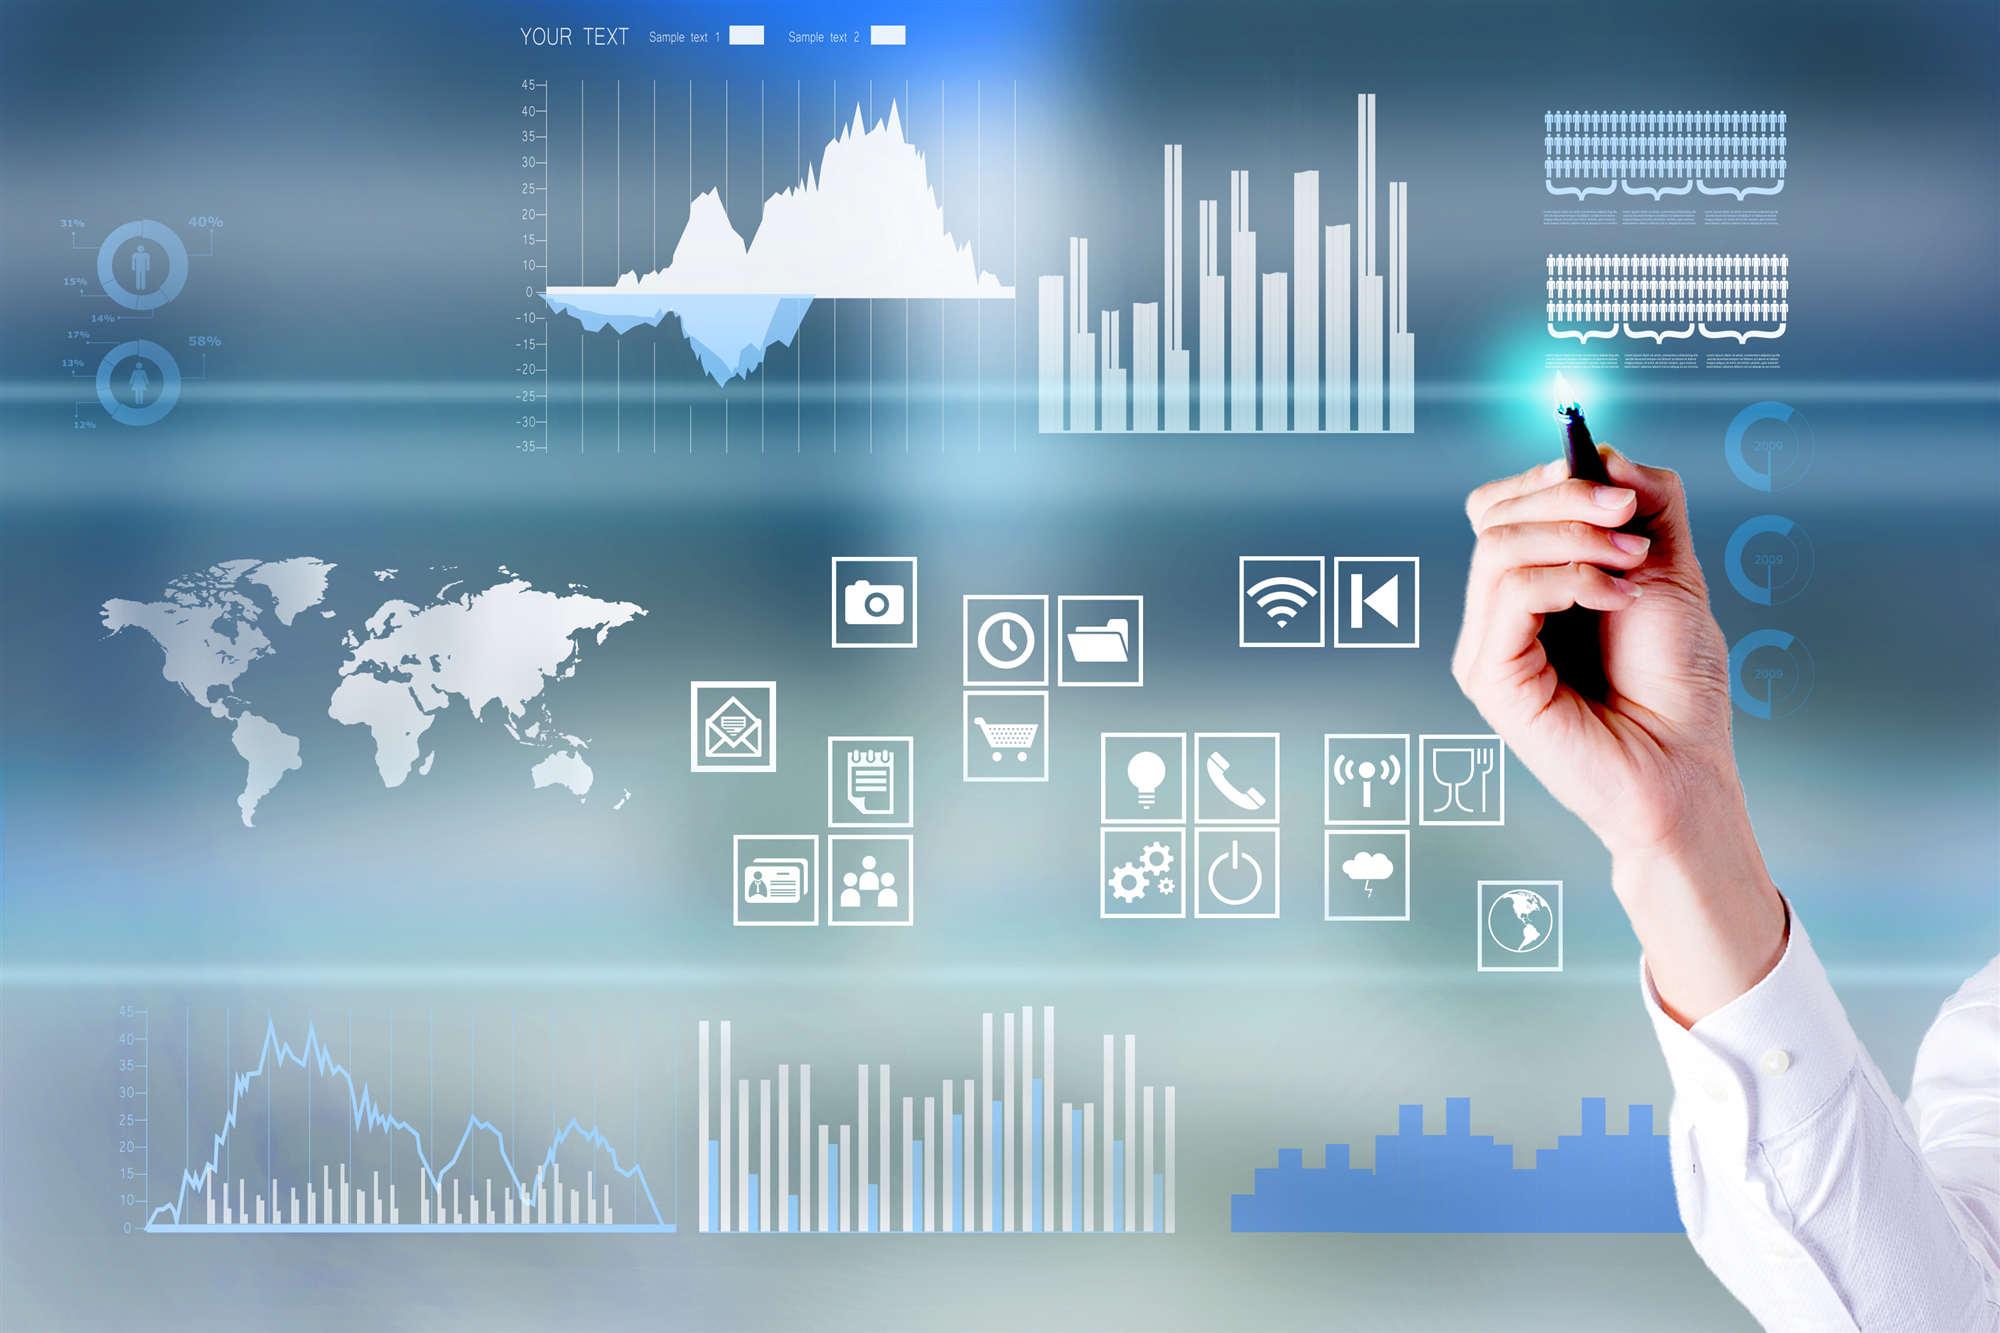 大数据分析之14个数据分析项目,数据源全部公开!